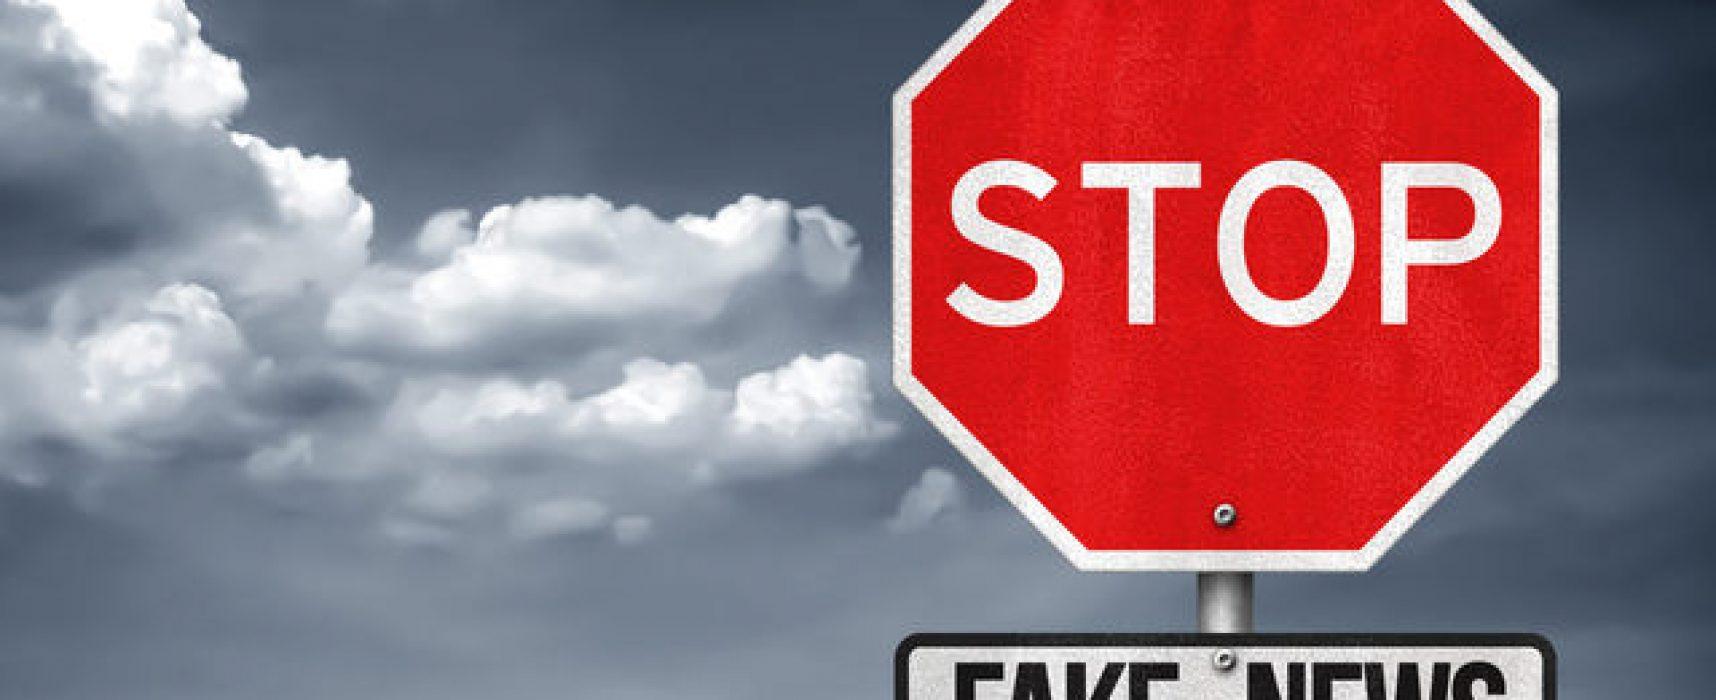 Seznam zasáhne proti dezinformacím. Konspirační a lživé weby přijdou o peníze z reklam